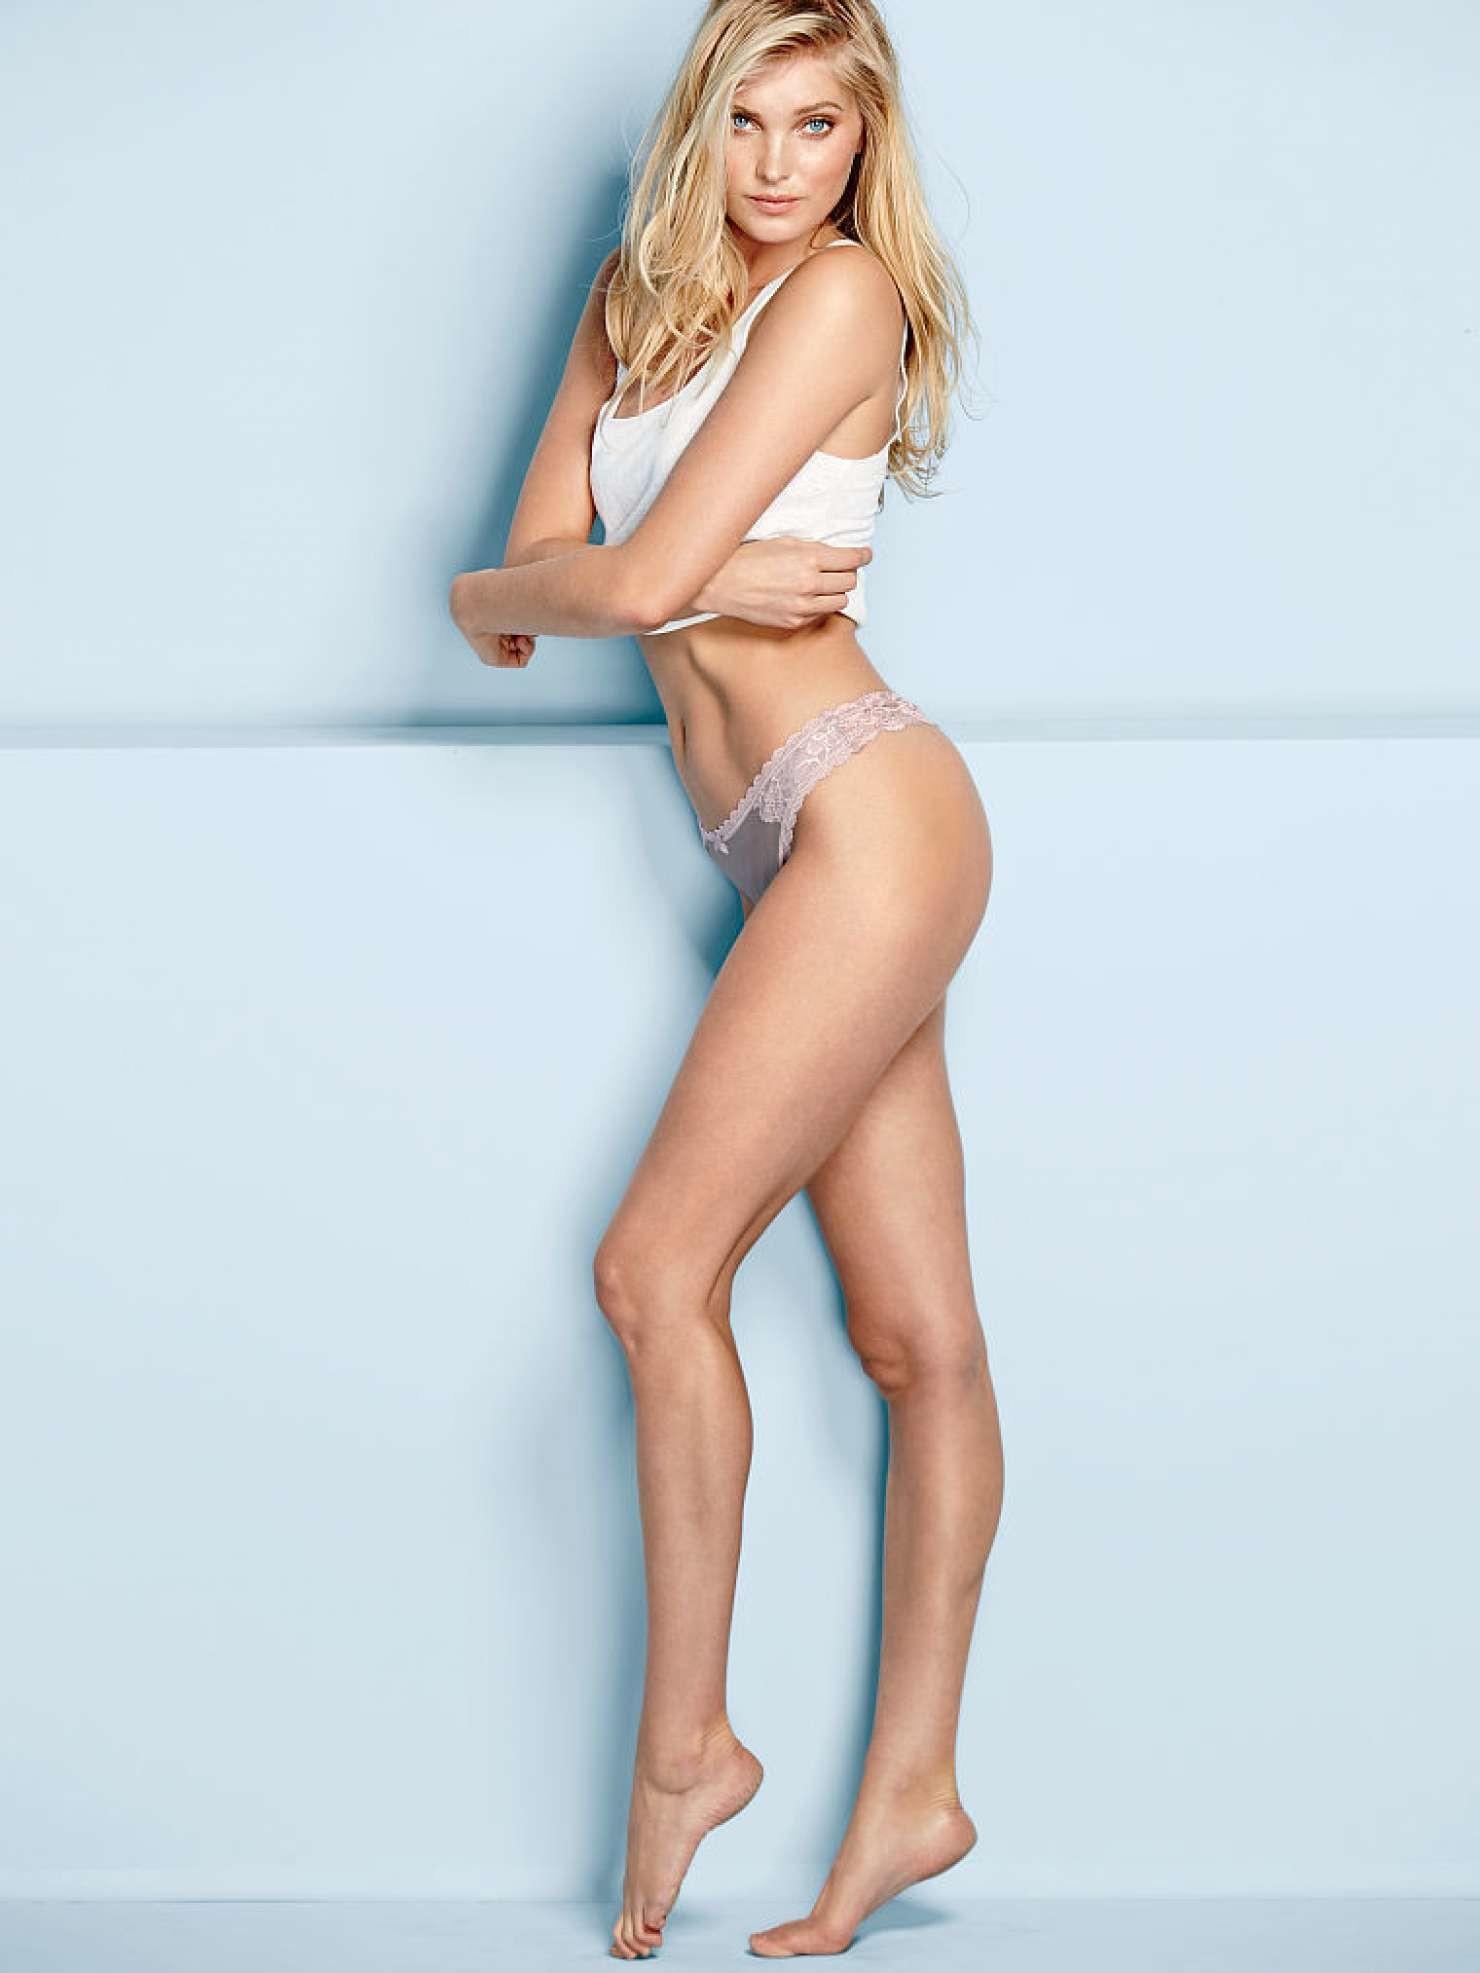 软妹:最性感的瑞典姑娘,这个维密天使曾经是一位篮球运动员